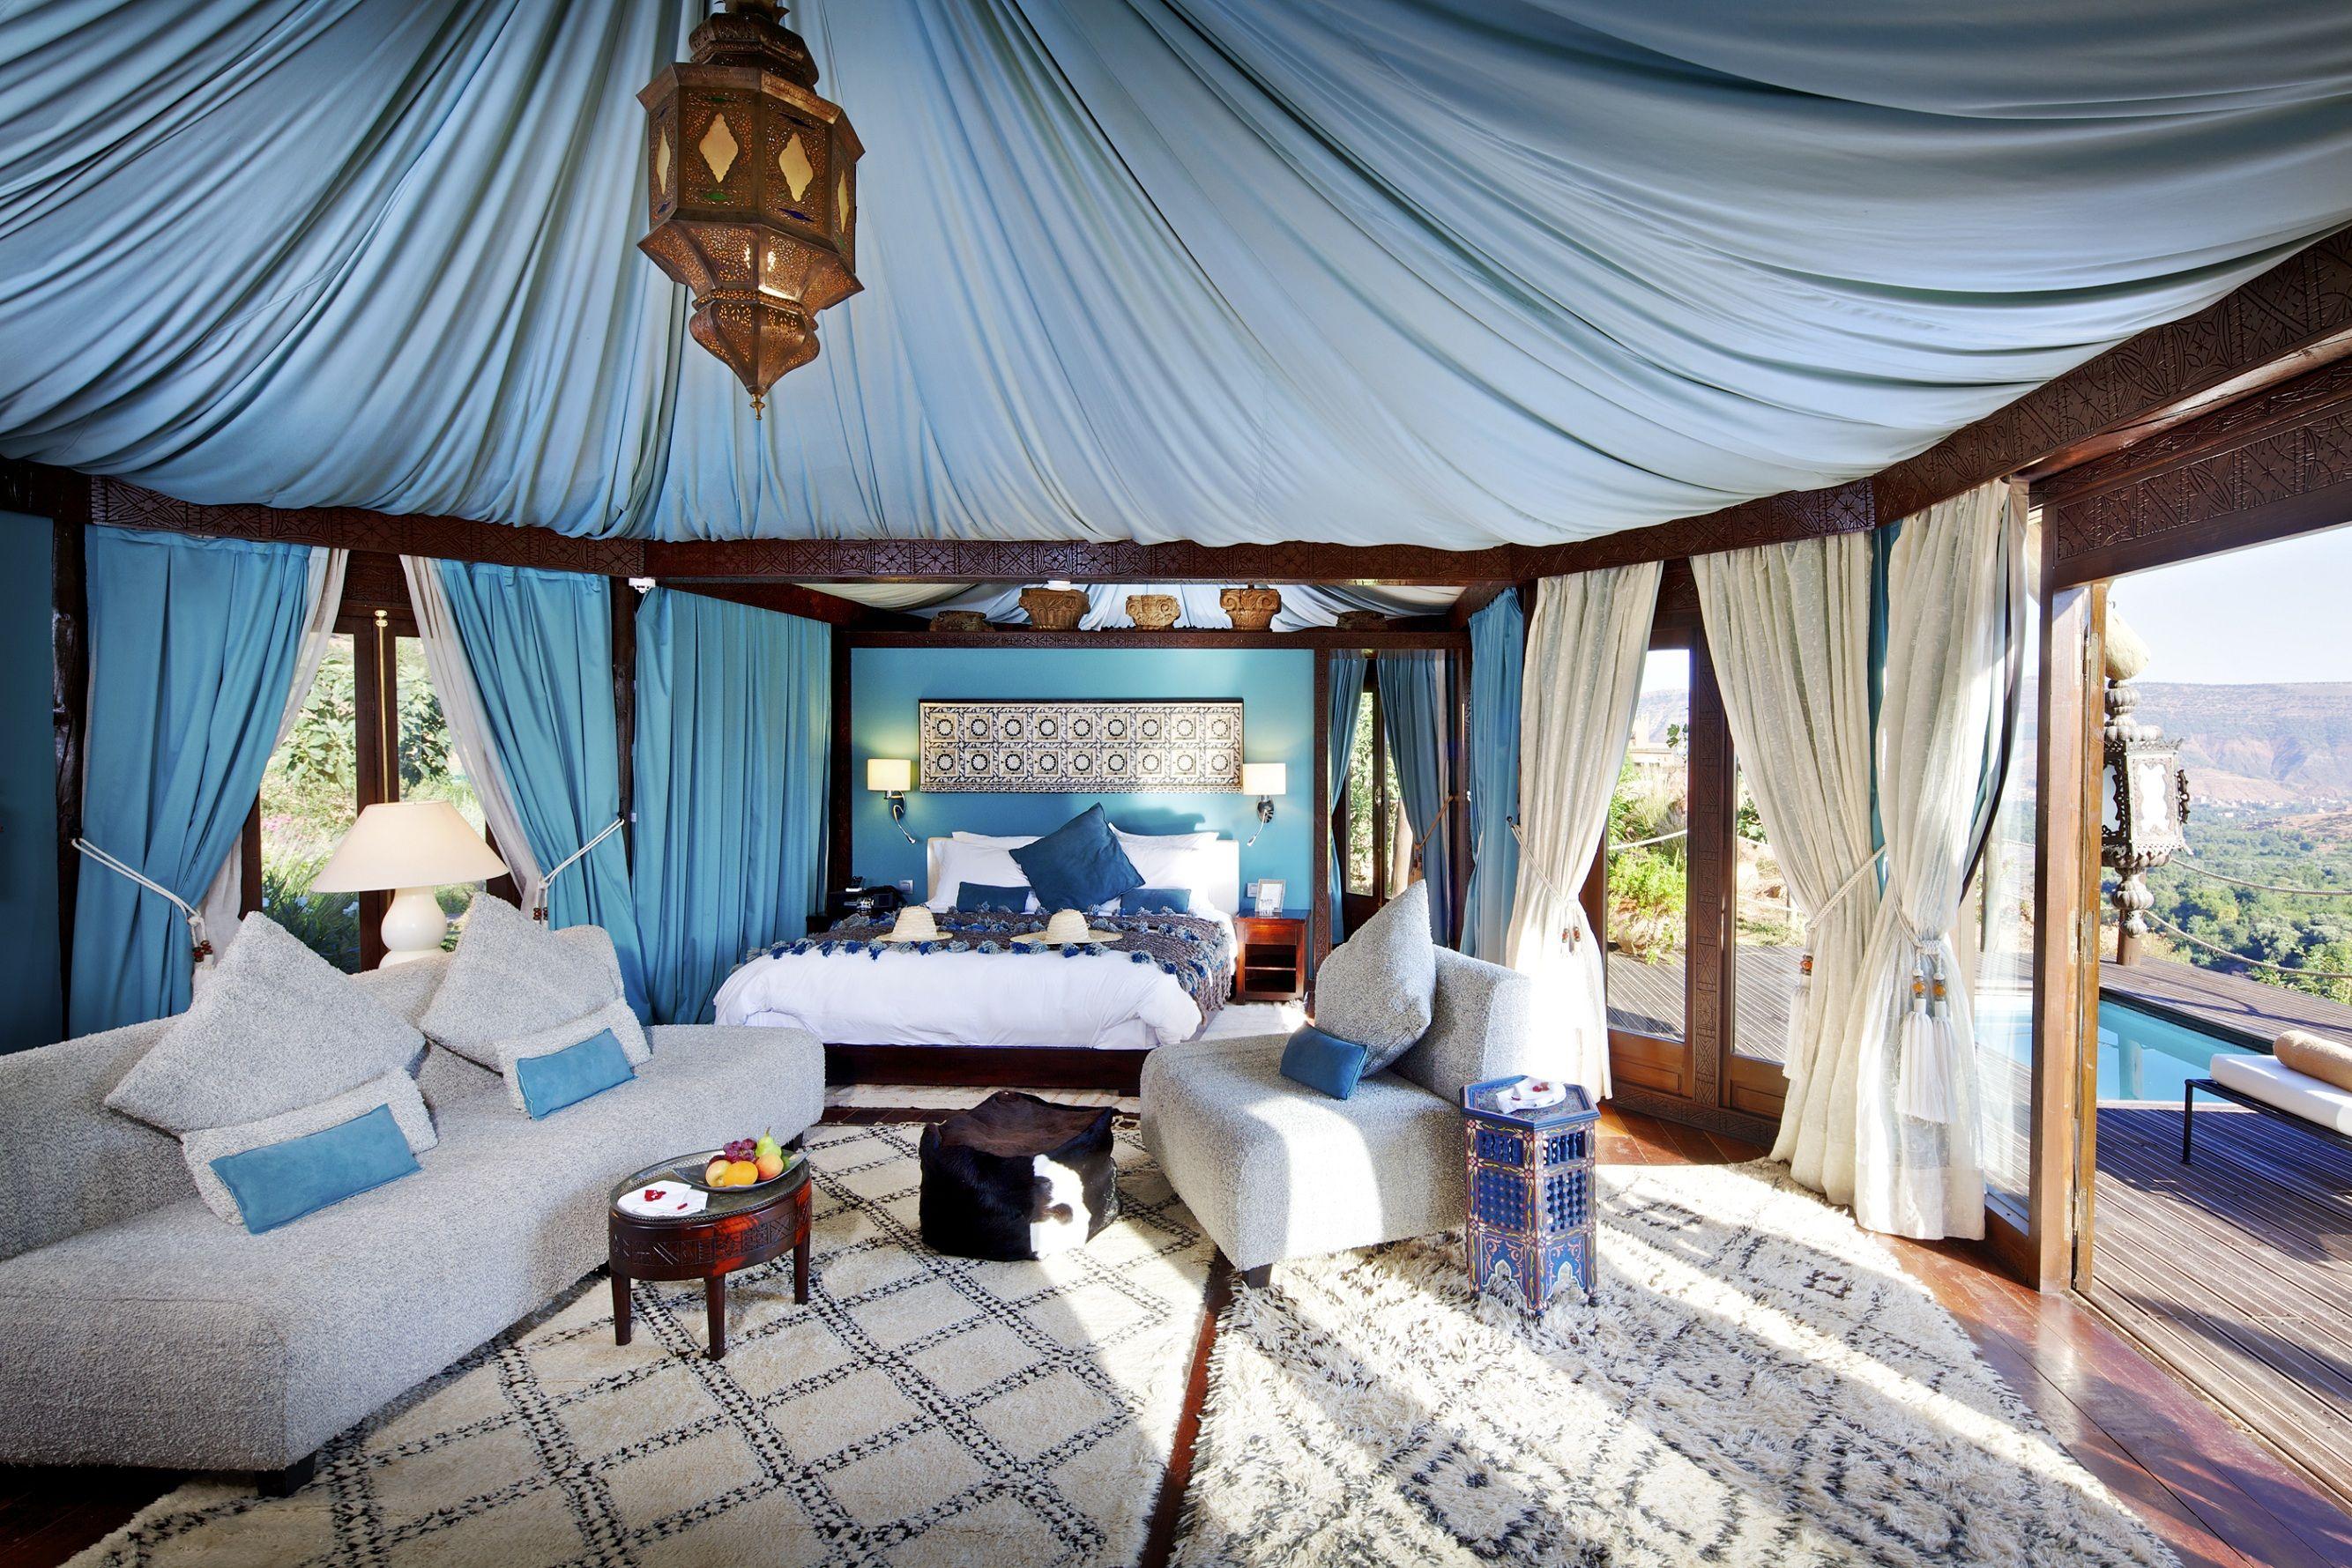 Morrocan tent interior